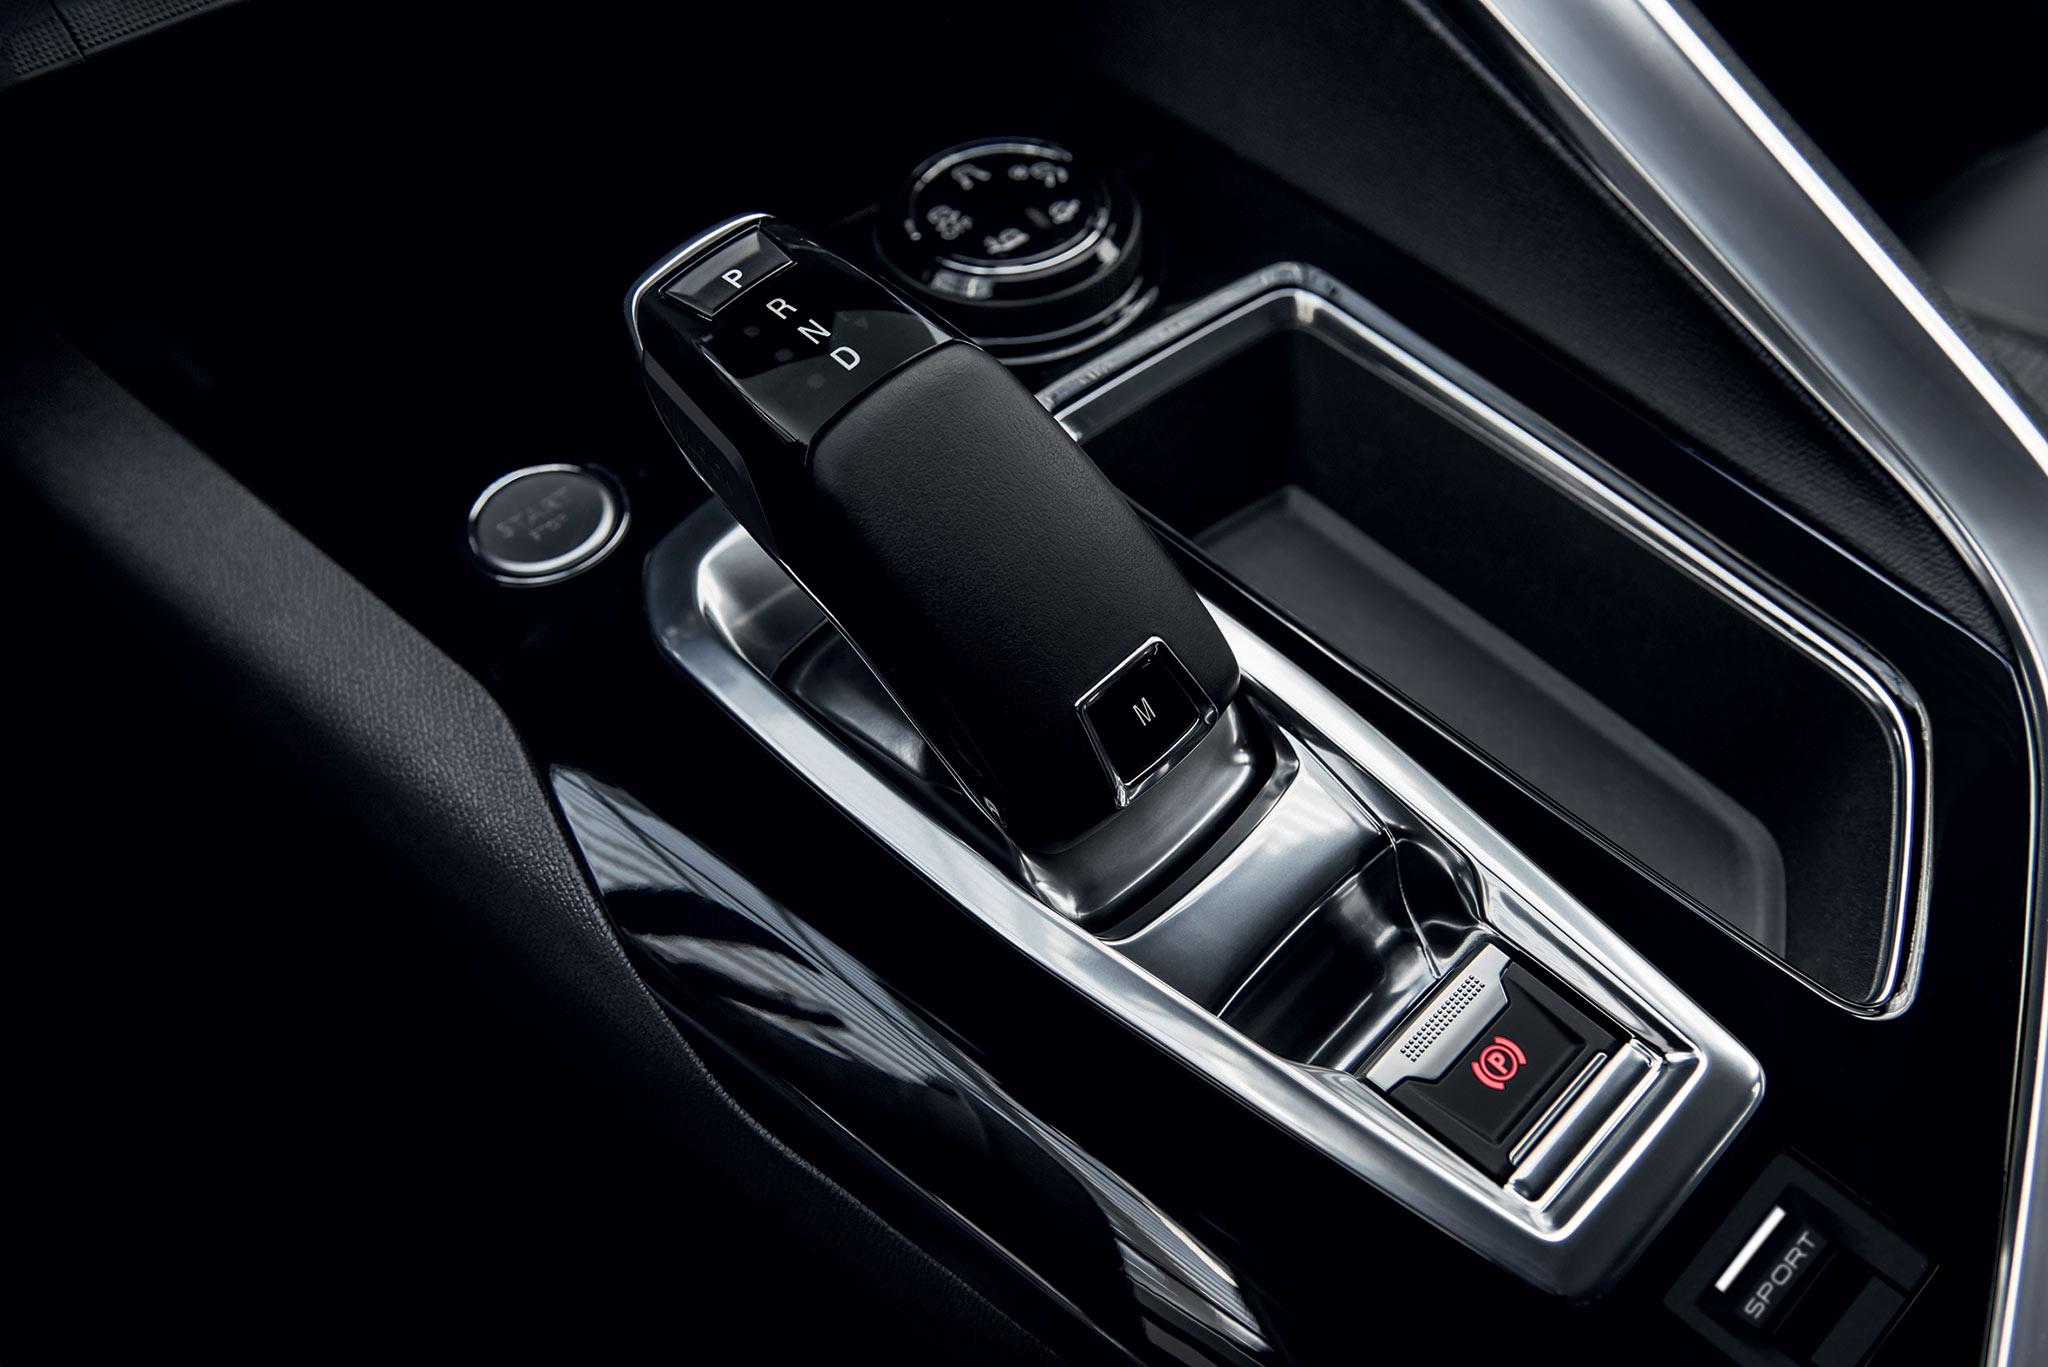 """Những công nghệ đặc biệt giúp Peugeot 3008 """"ghi điểm"""" trong phân khúc SUV peugeot-3008-06.jpg"""